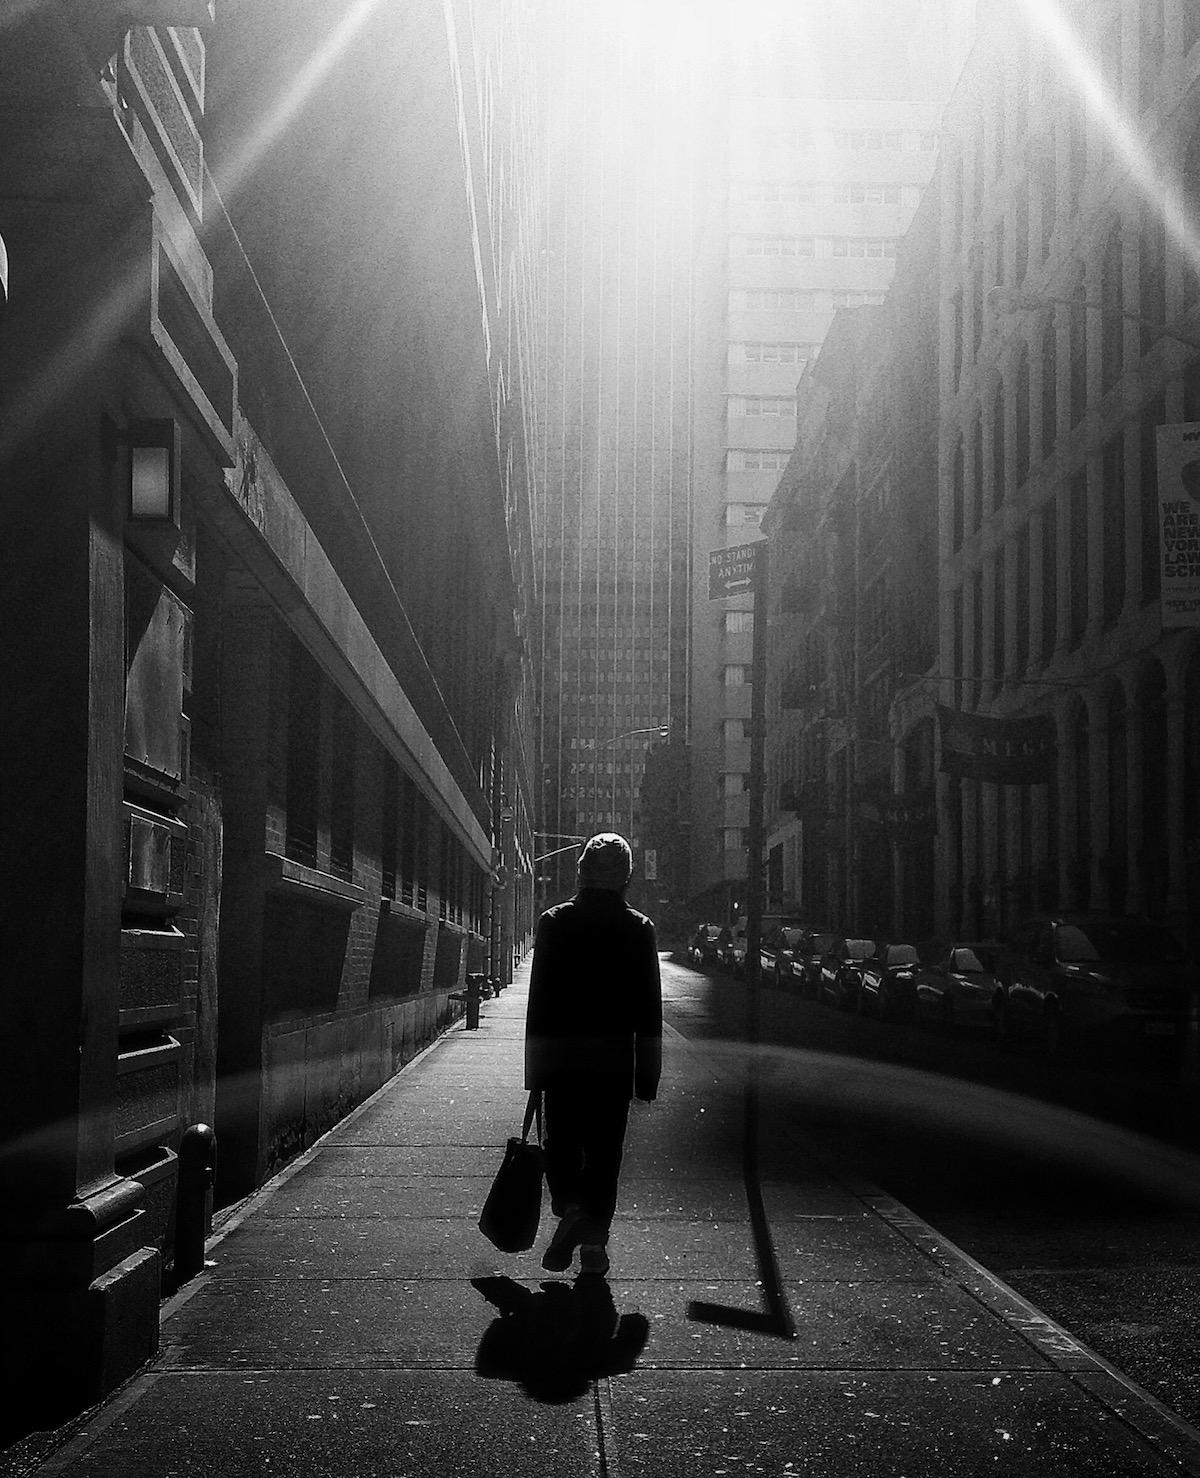 fotografo-blanco-y-negro-07